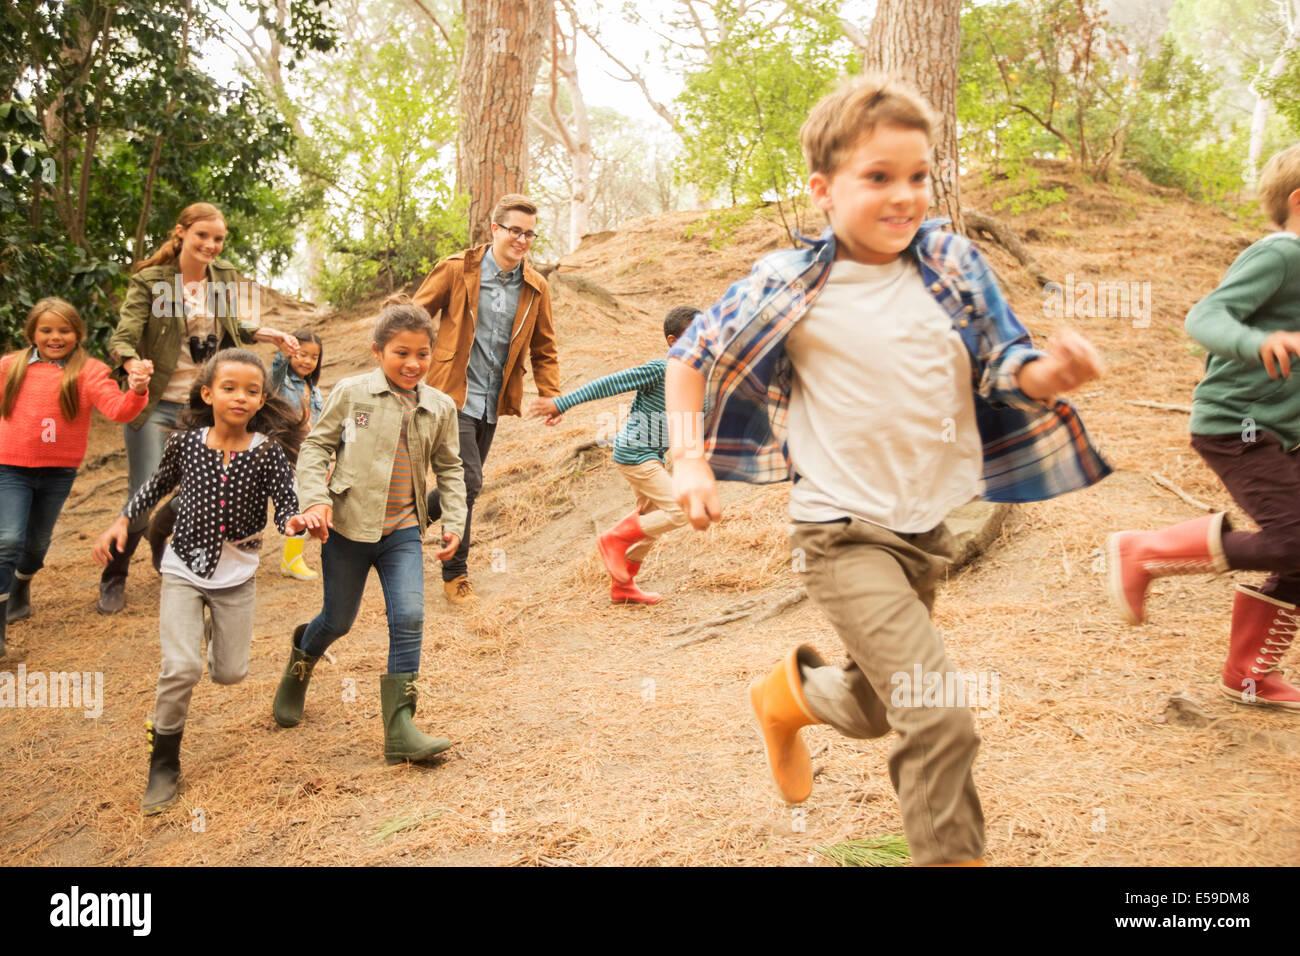 Los niños corriendo en el bosque Imagen De Stock